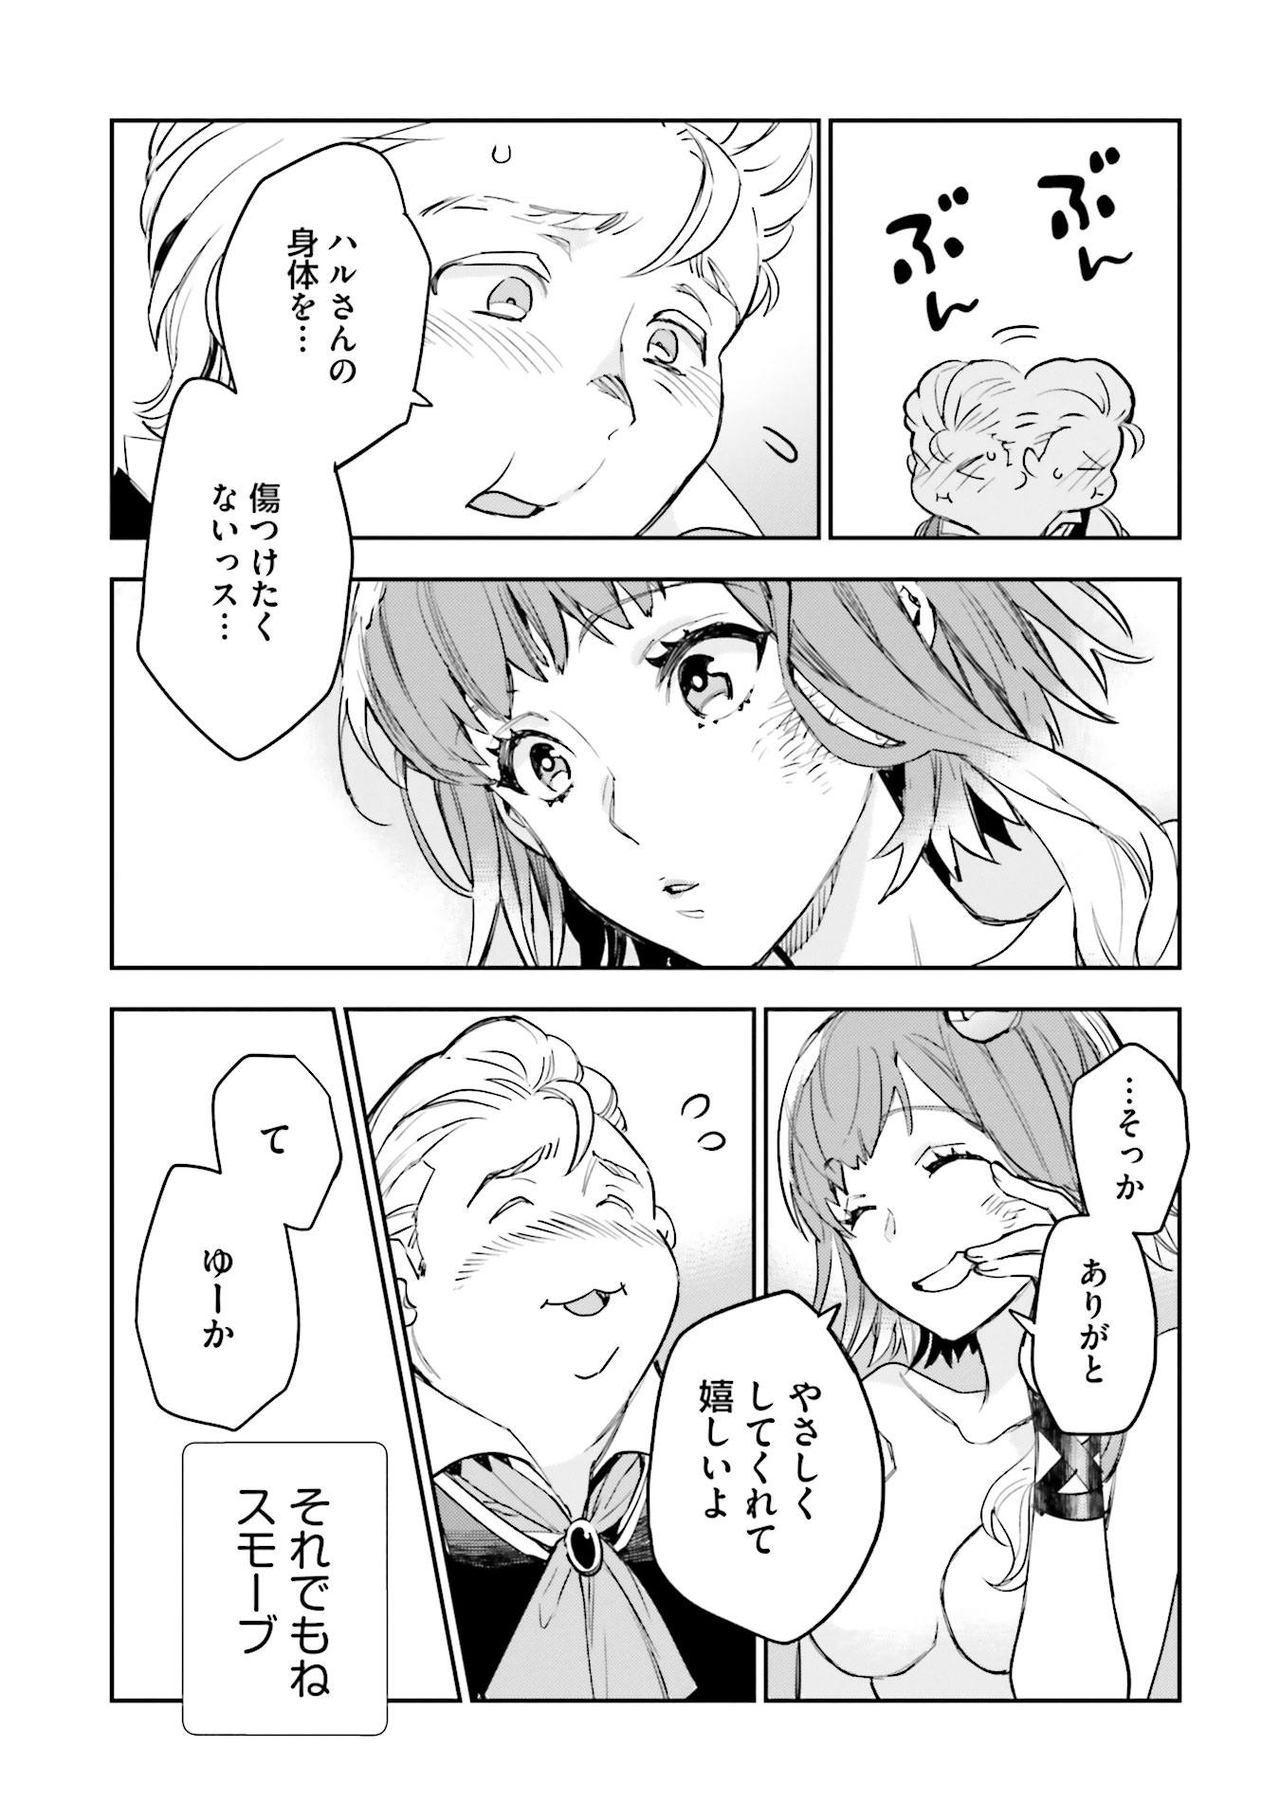 JK Haru wa Isekai de Shoufu ni Natta 1-14 271